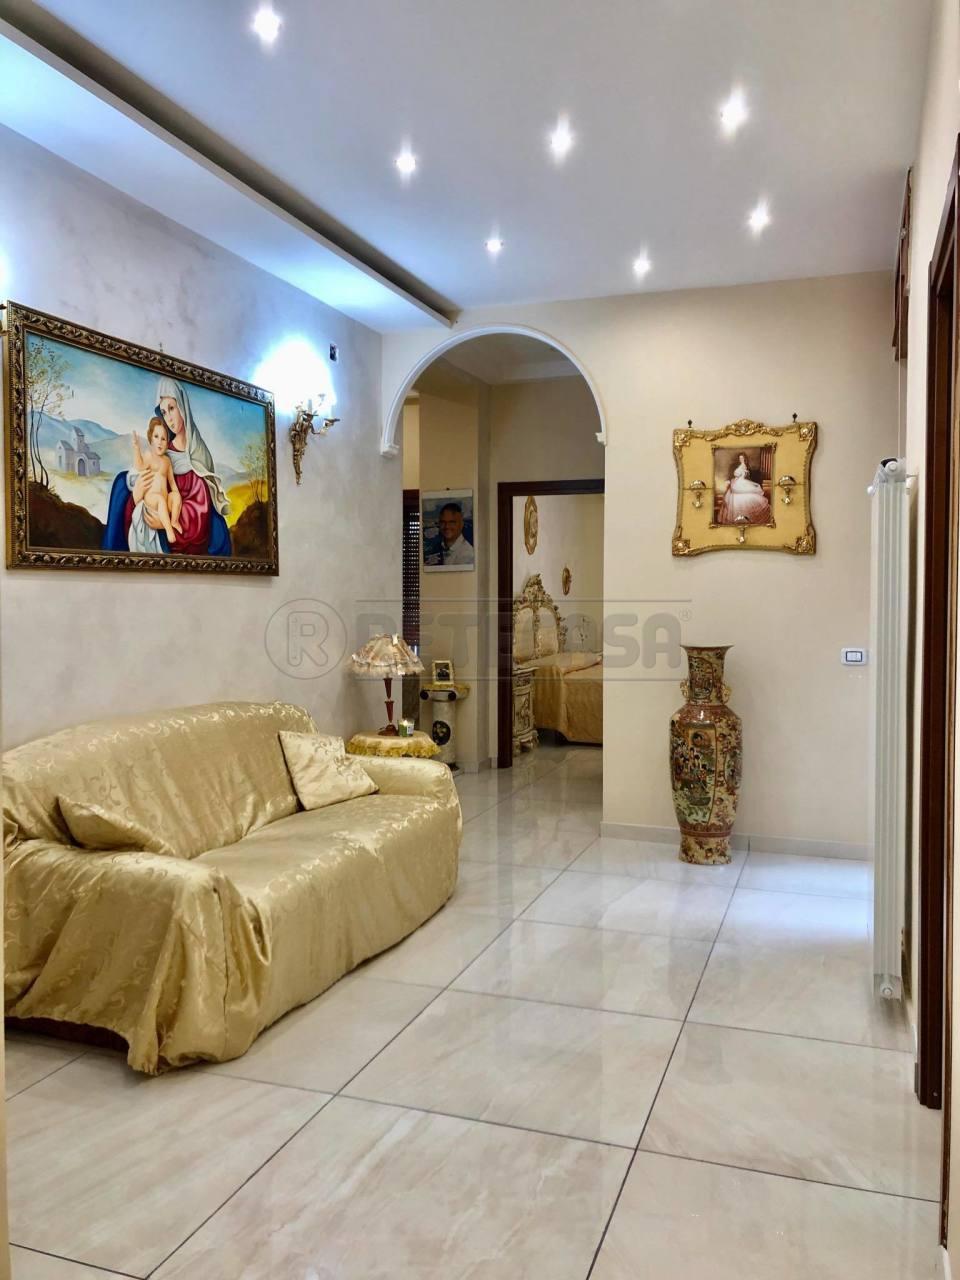 Appartamento in vendita a Castel San Giorgio, 4 locali, prezzo € 189.000 | CambioCasa.it